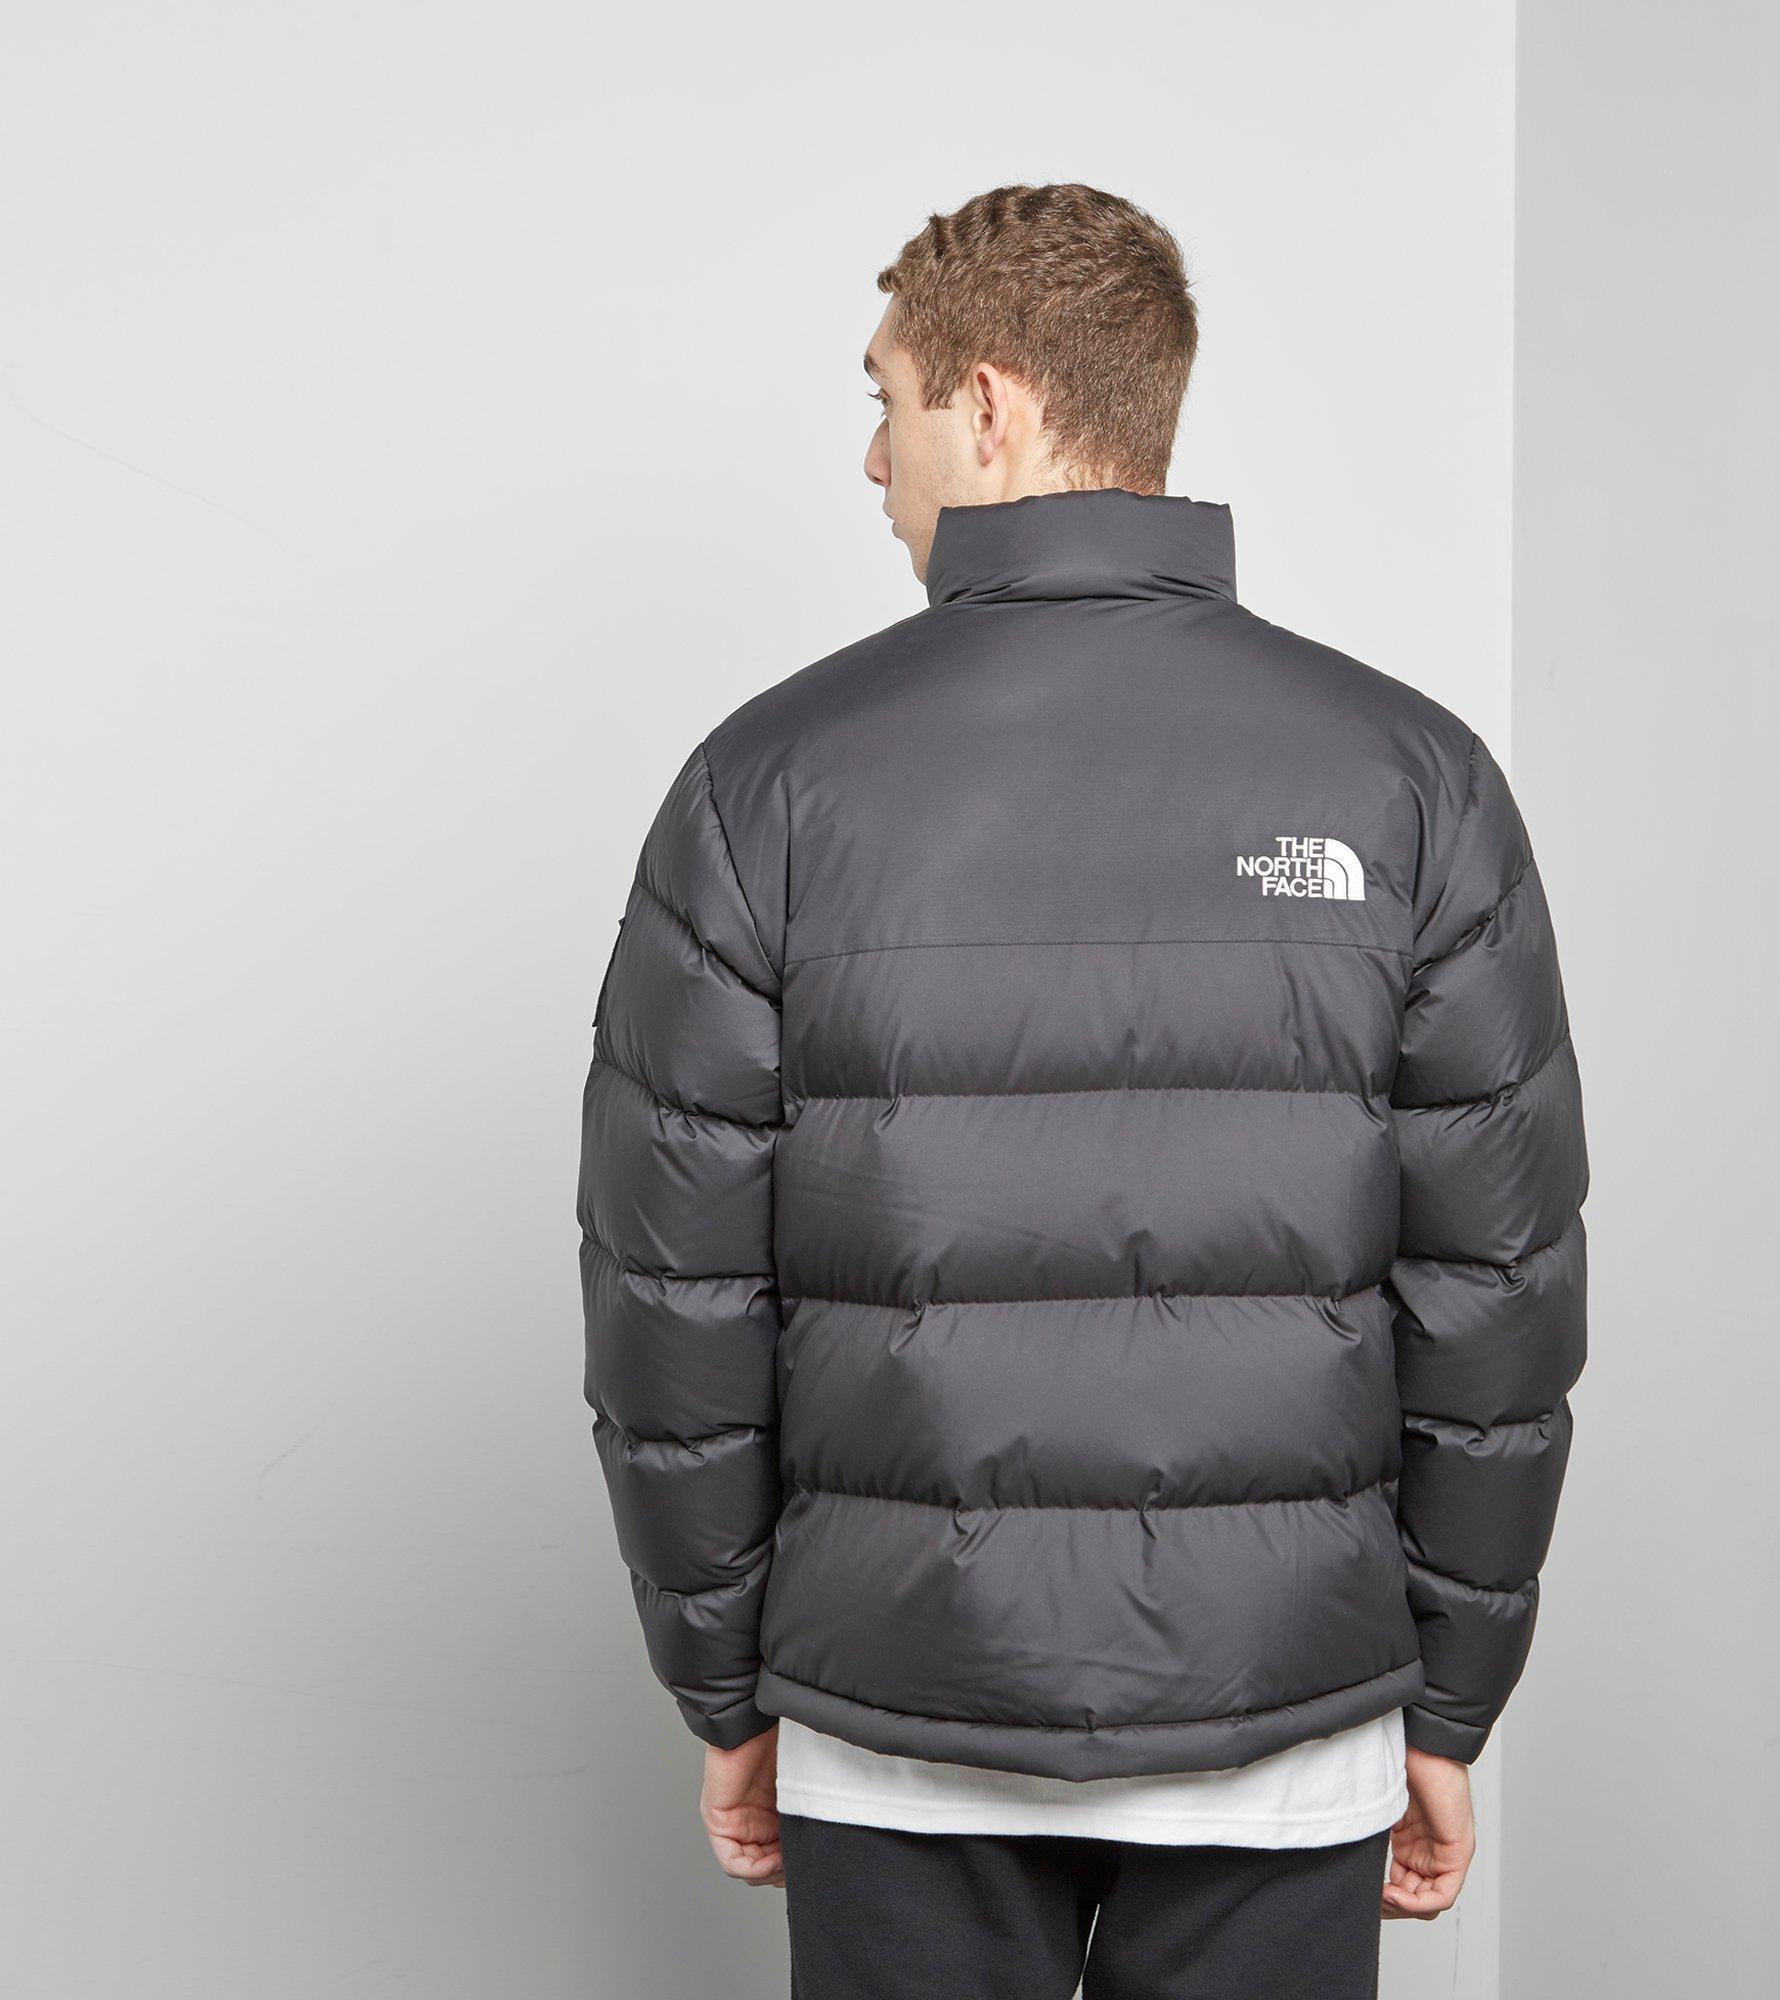 lyst the north face 1992 nuptse jacket in black for men. Black Bedroom Furniture Sets. Home Design Ideas